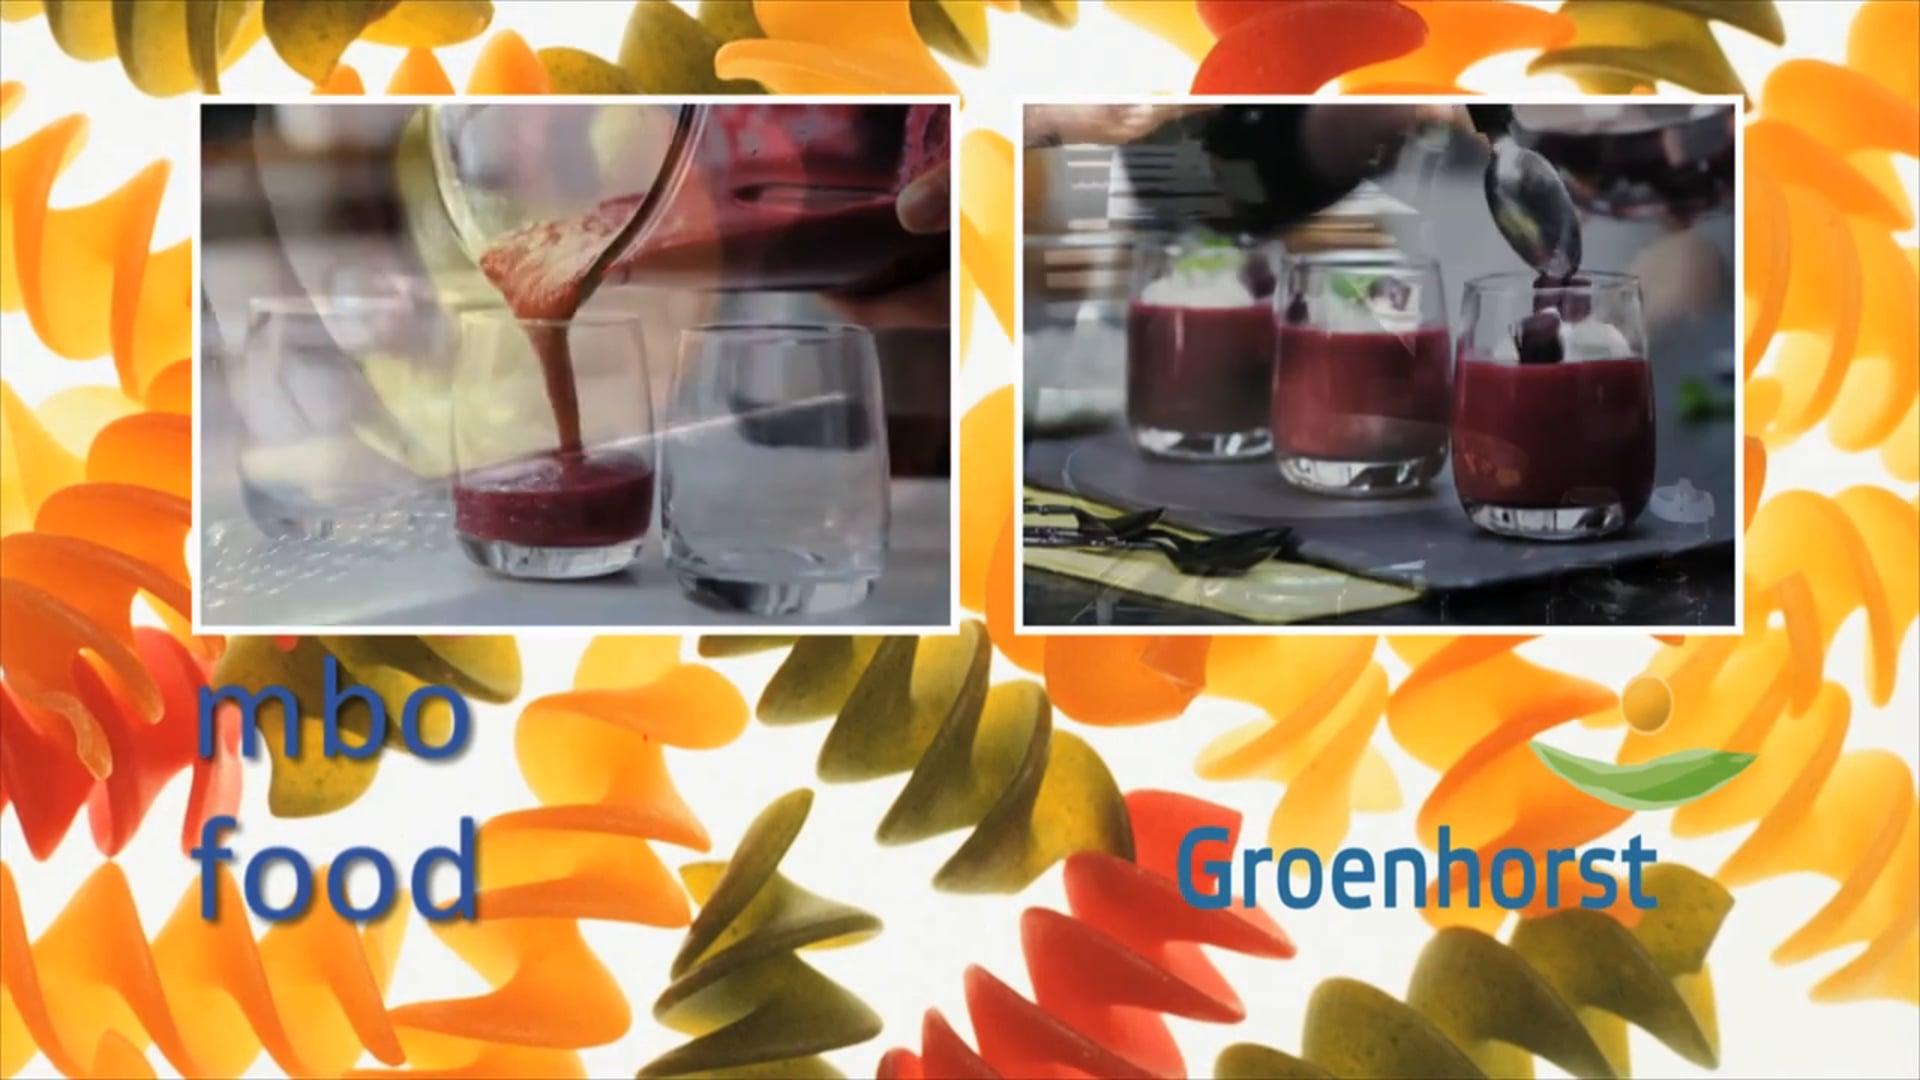 Groenhorst MBO Food